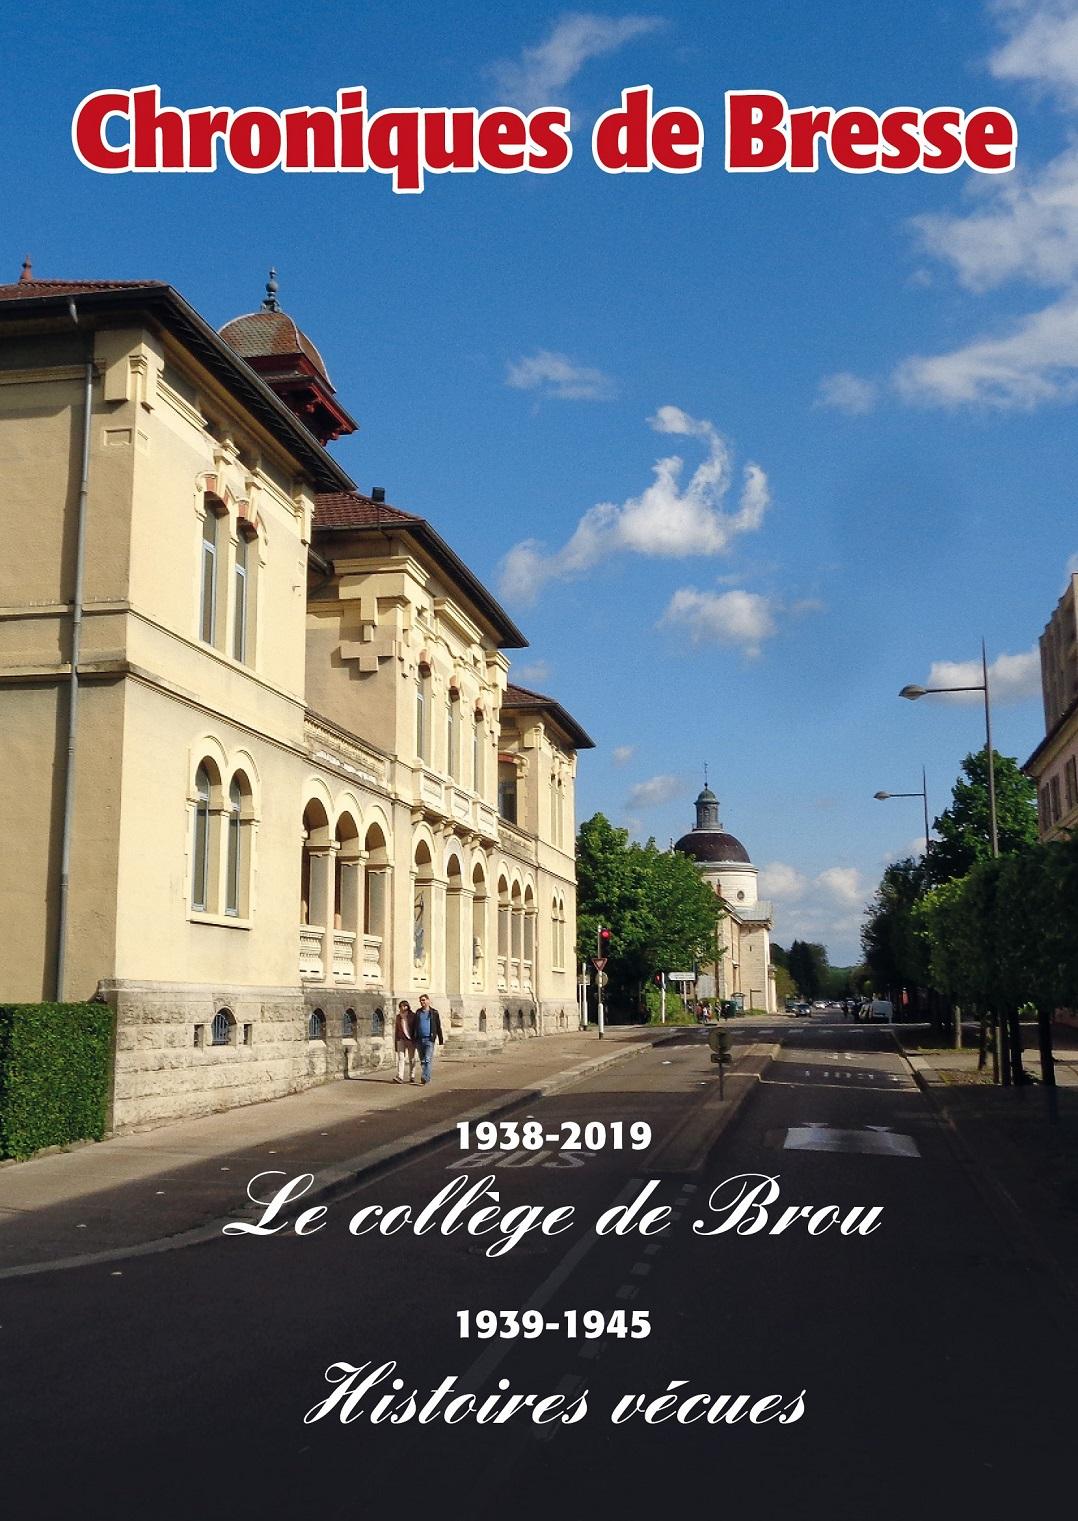 Chronique de Bresse 2019